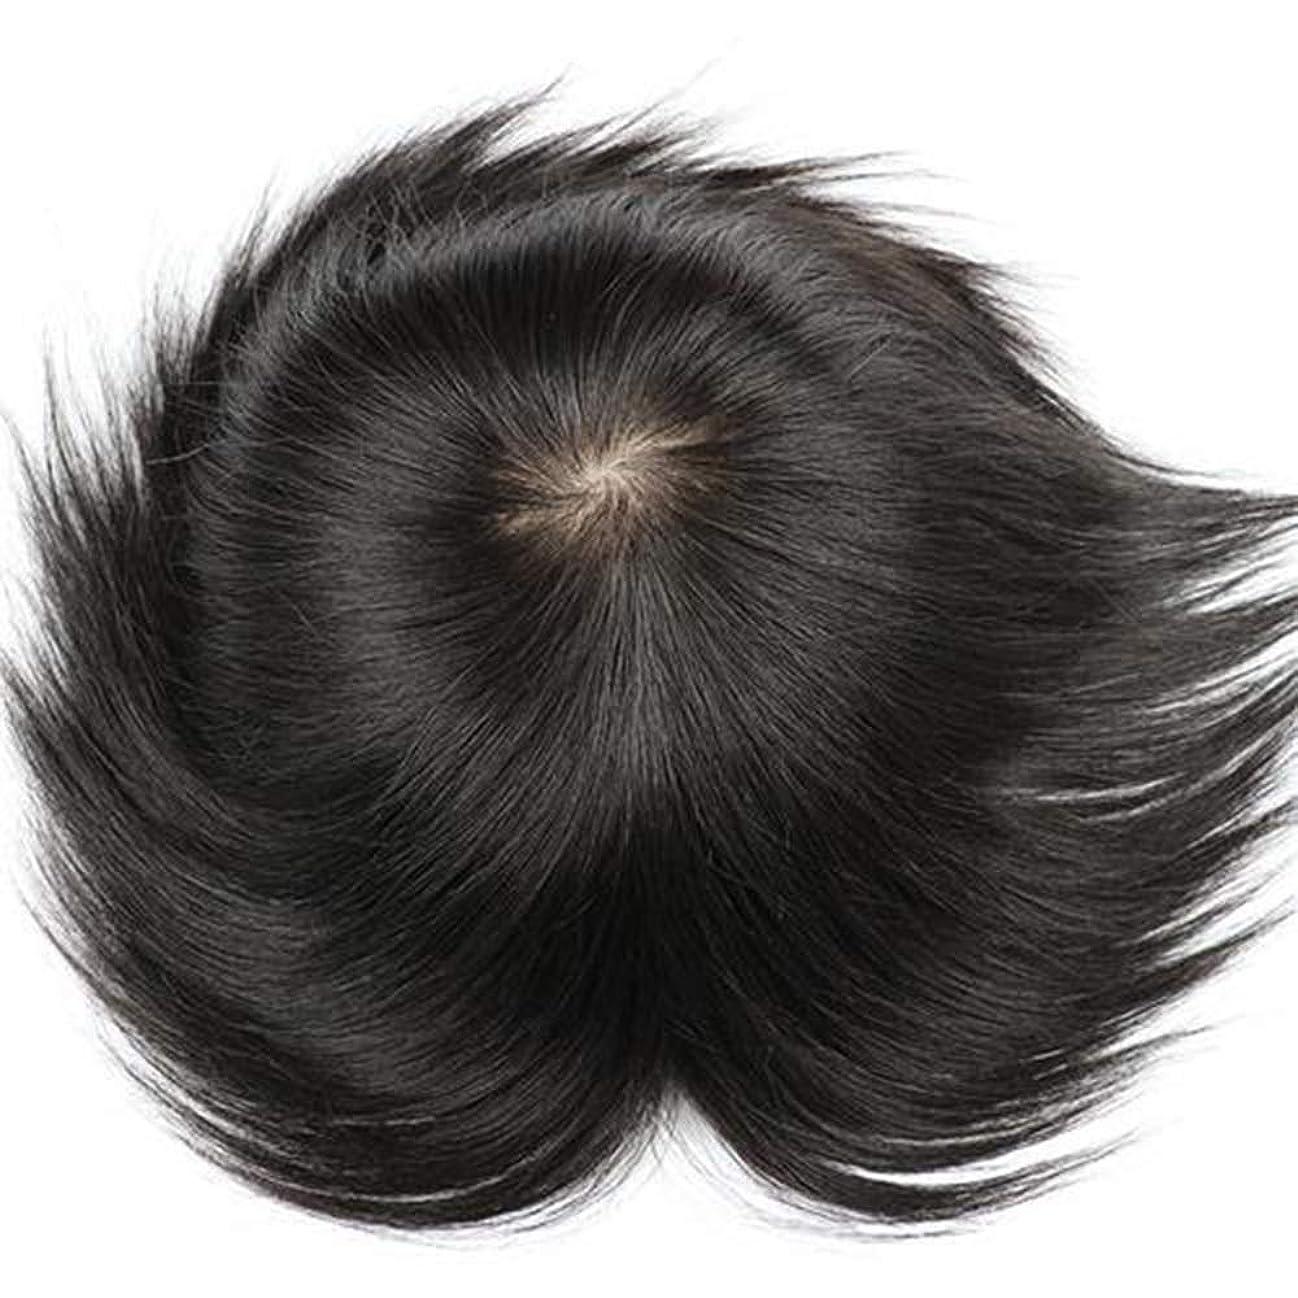 反響する解決アラートYAHONGOE 男性用本物のヘアライトウィッグかつらヘッドトップコスプレパーティードレスファッションかつら (色 : Natural black, サイズ : 16x18)